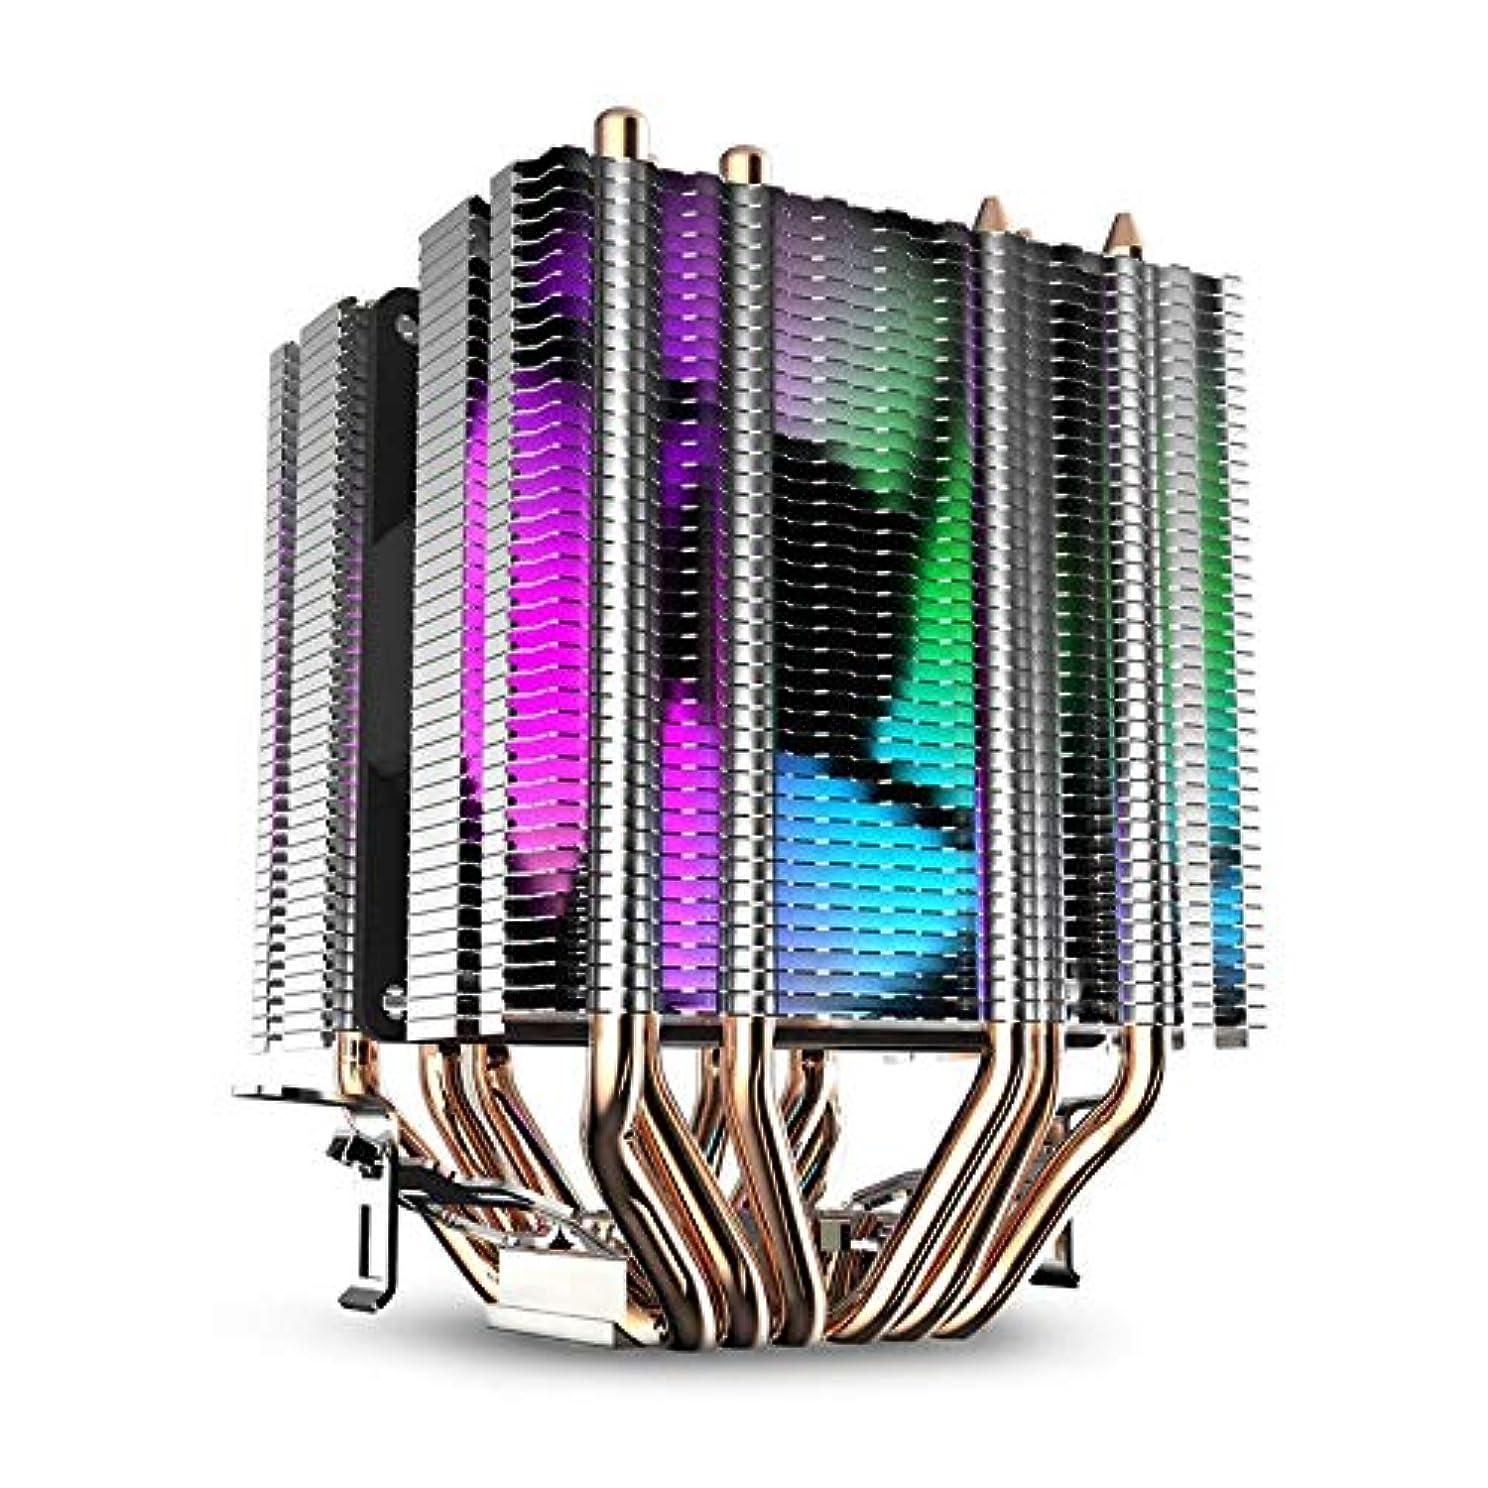 ずるい引き受ける仮定YANHUA Cpu Air Cooler 6 Heat Pipes Twin-Tower Heatsink With 90Mm Rainbow Led Fans For Intel 775/1150/1155/1156/1366